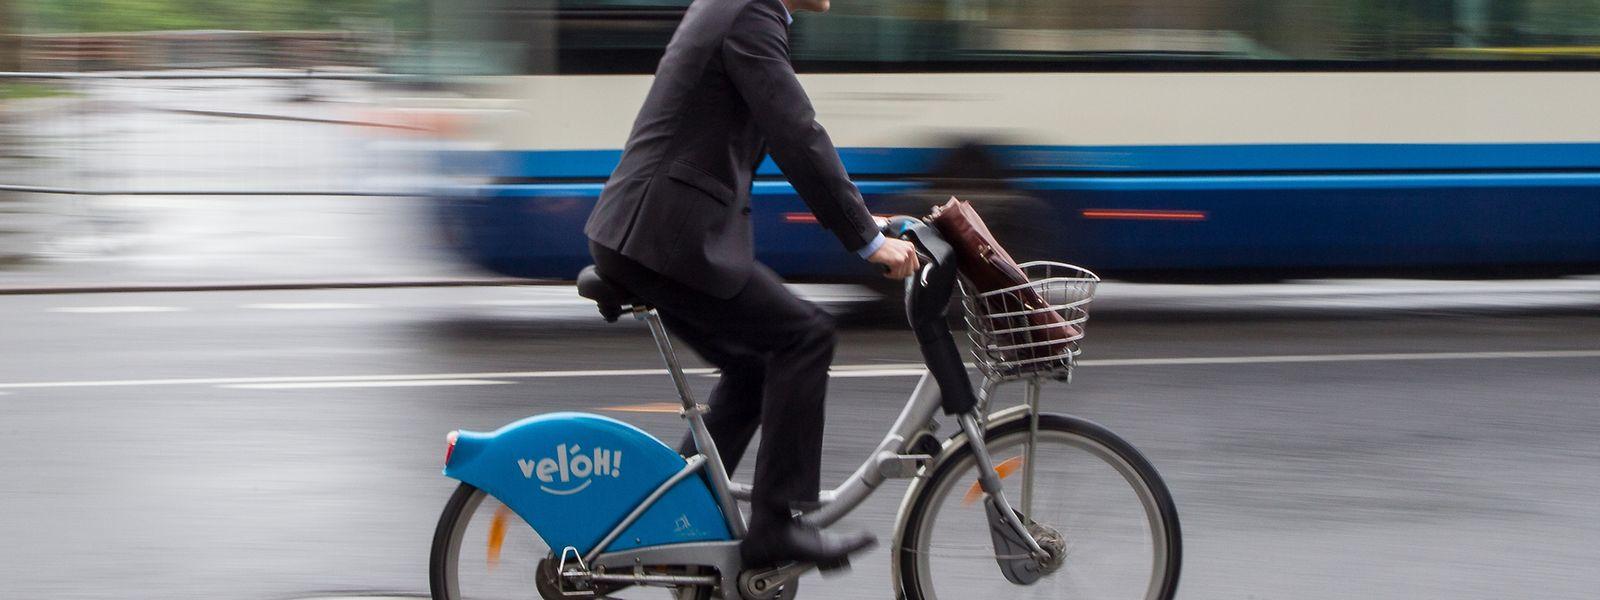 Radfahrer sollen sich, so fordert die LVI,  sicherer und schneller fortbewegen können.